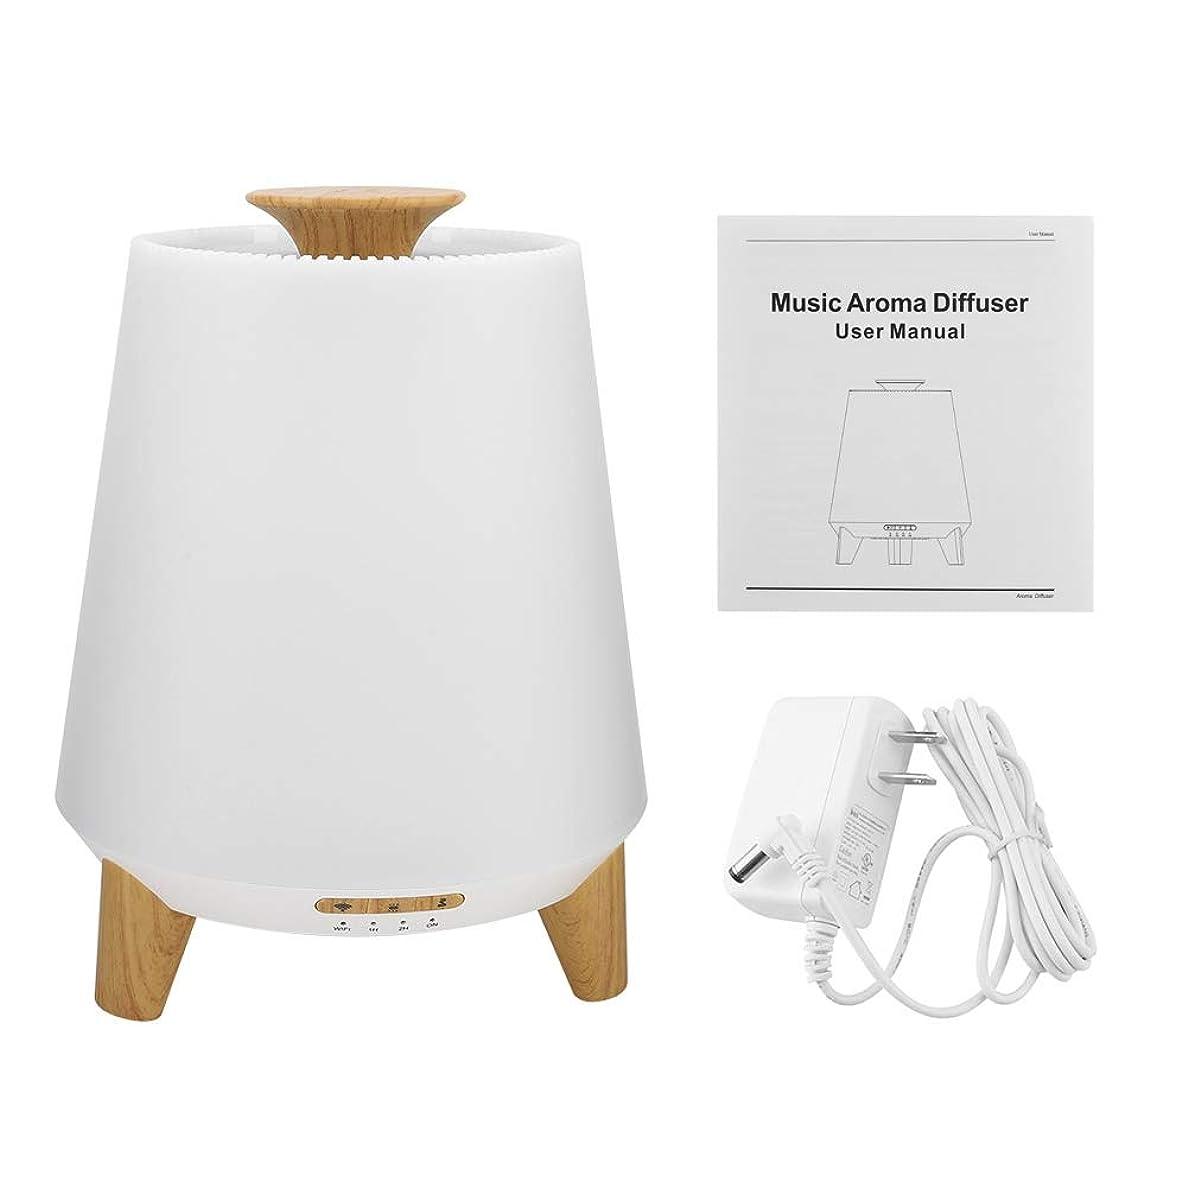 お茶いちゃつくピーブ加湿器 アロマディフューザー 音楽プレーヤー 3 in 1 7色LEDライト クールミスト WIFI スマート 超音波 アロマ エッセンシャルオイル 互換性用 300ml(#1)